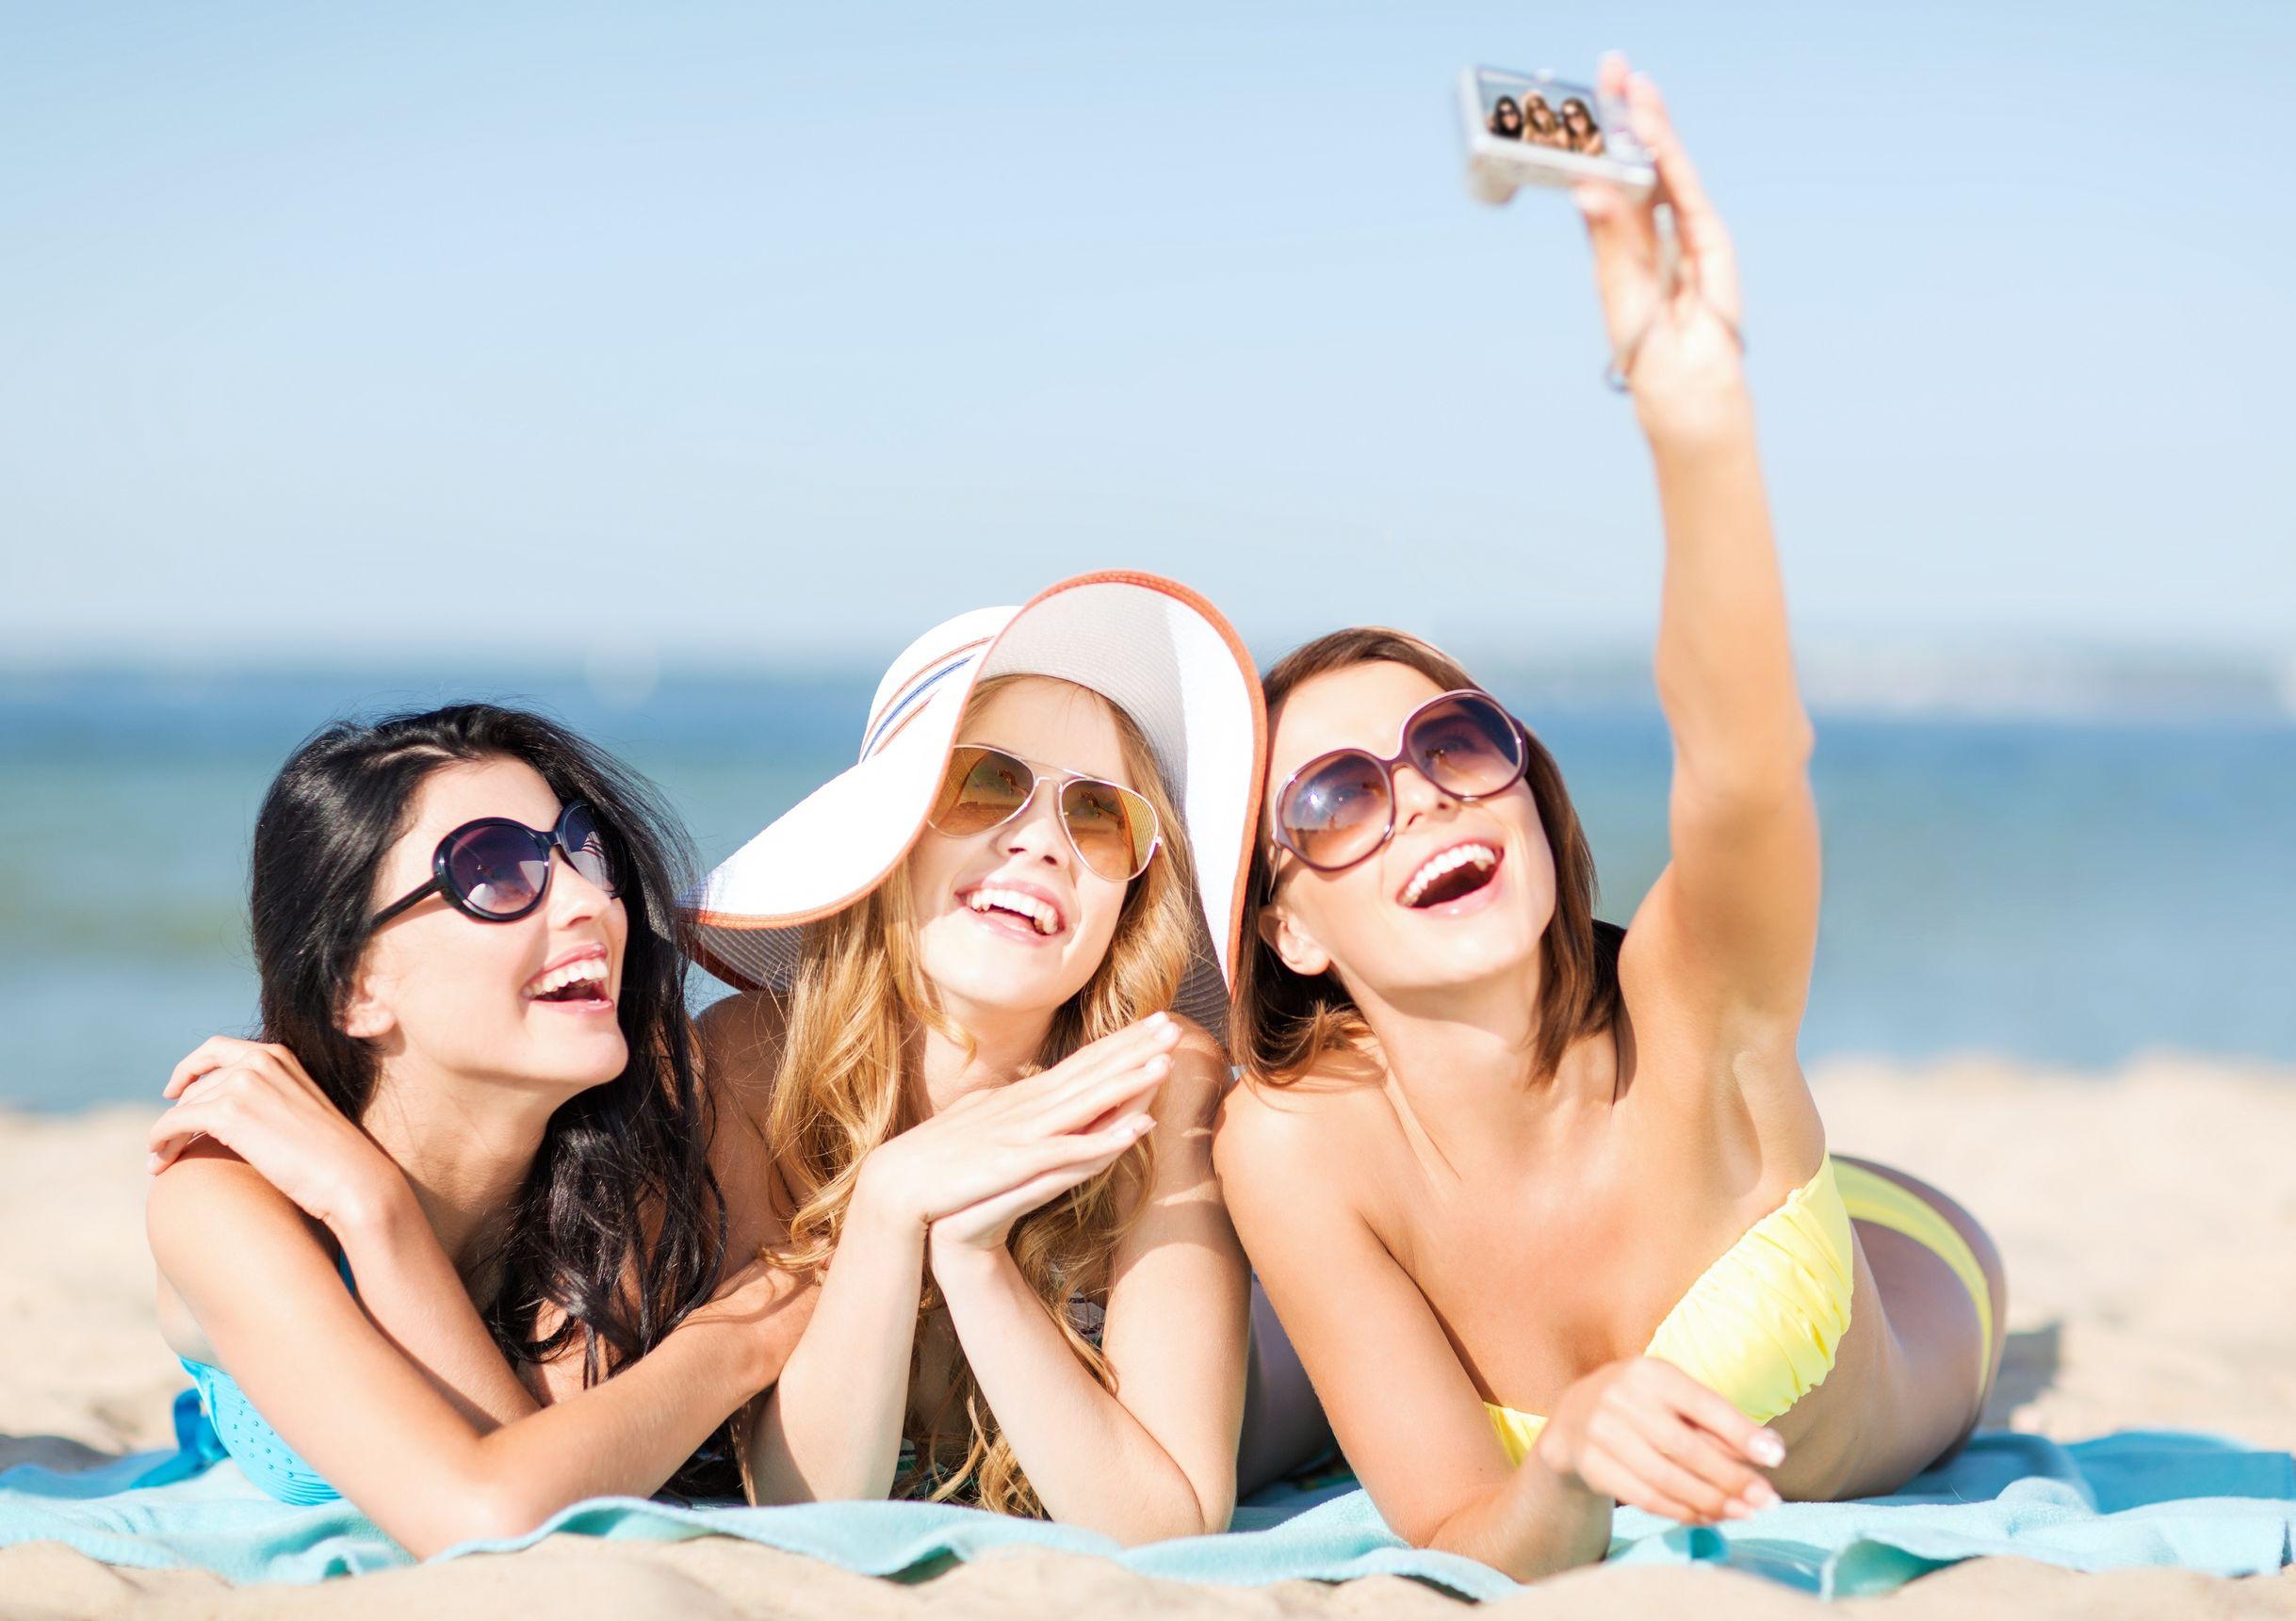 Tres chicas atractivas tomandose una selfie en la playa